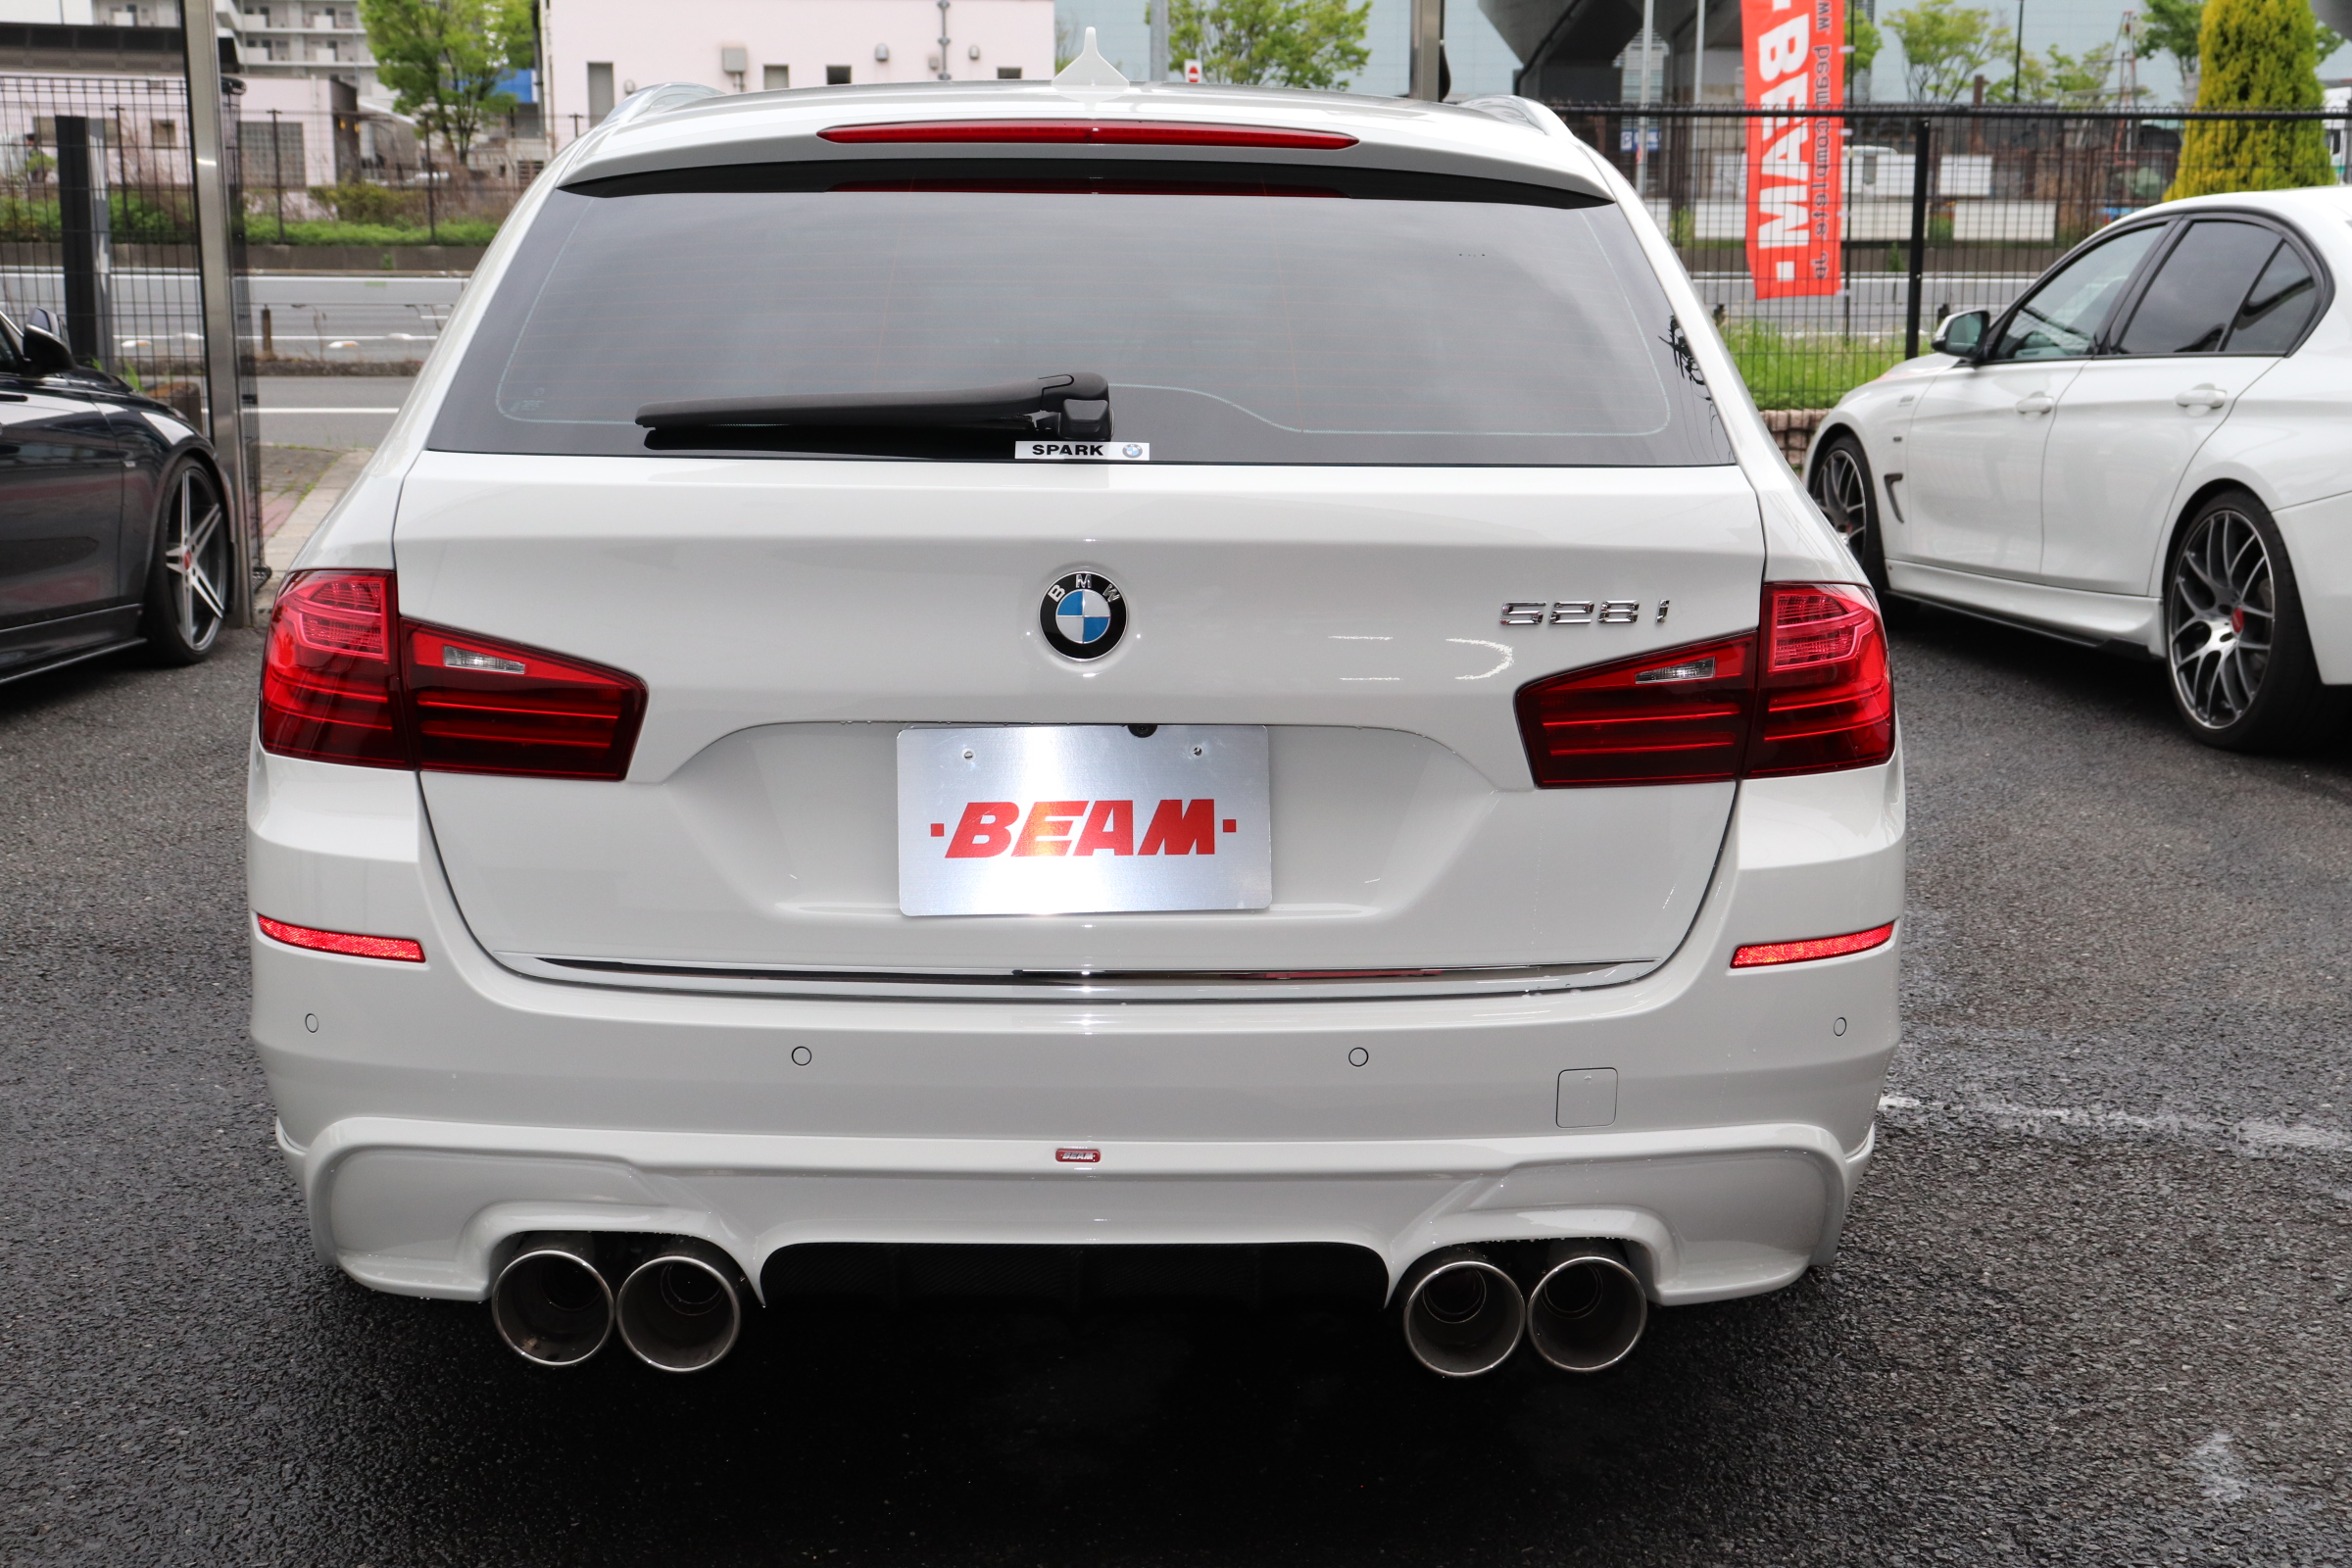 528iツーリング ラグジュアリー BEAMコンプリートカーLEDメーター&LEDライト ブラックAW車両画像06